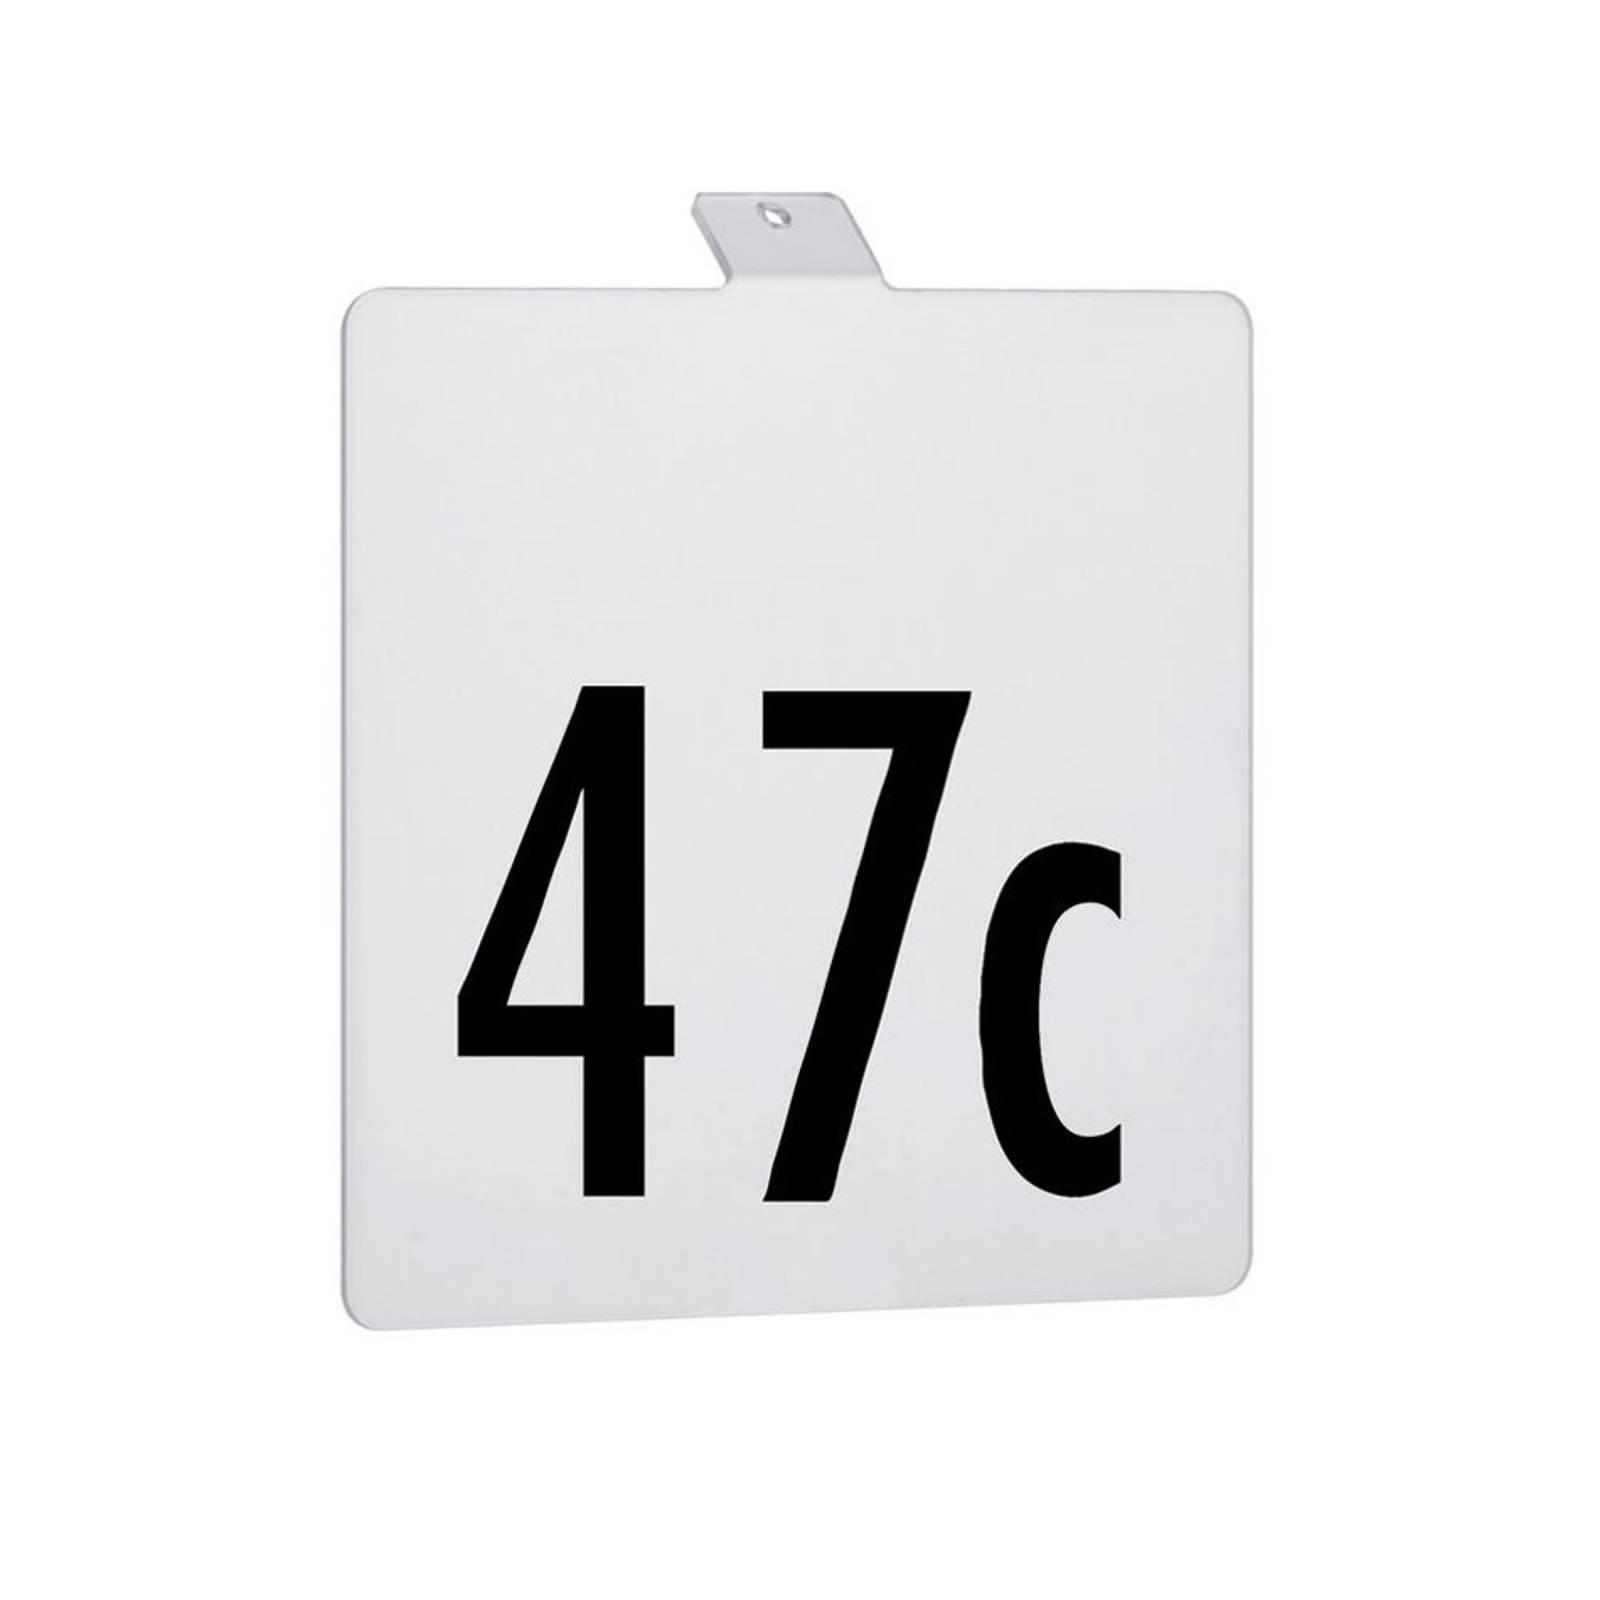 Paulmann house number for Soley LED solar light